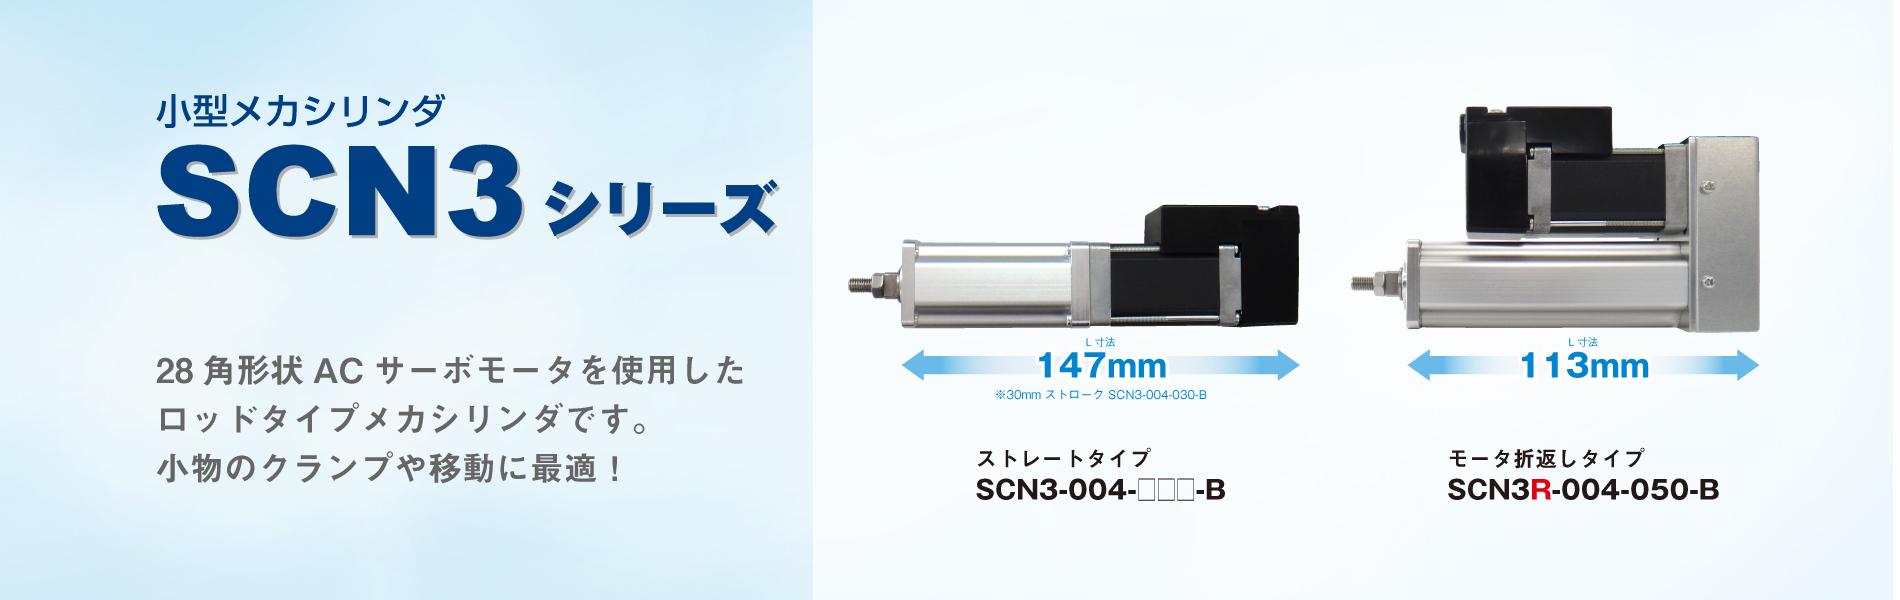 29角の小型ロッドタイプ電動シリンダです。折返しタイプの全長は113mmです。